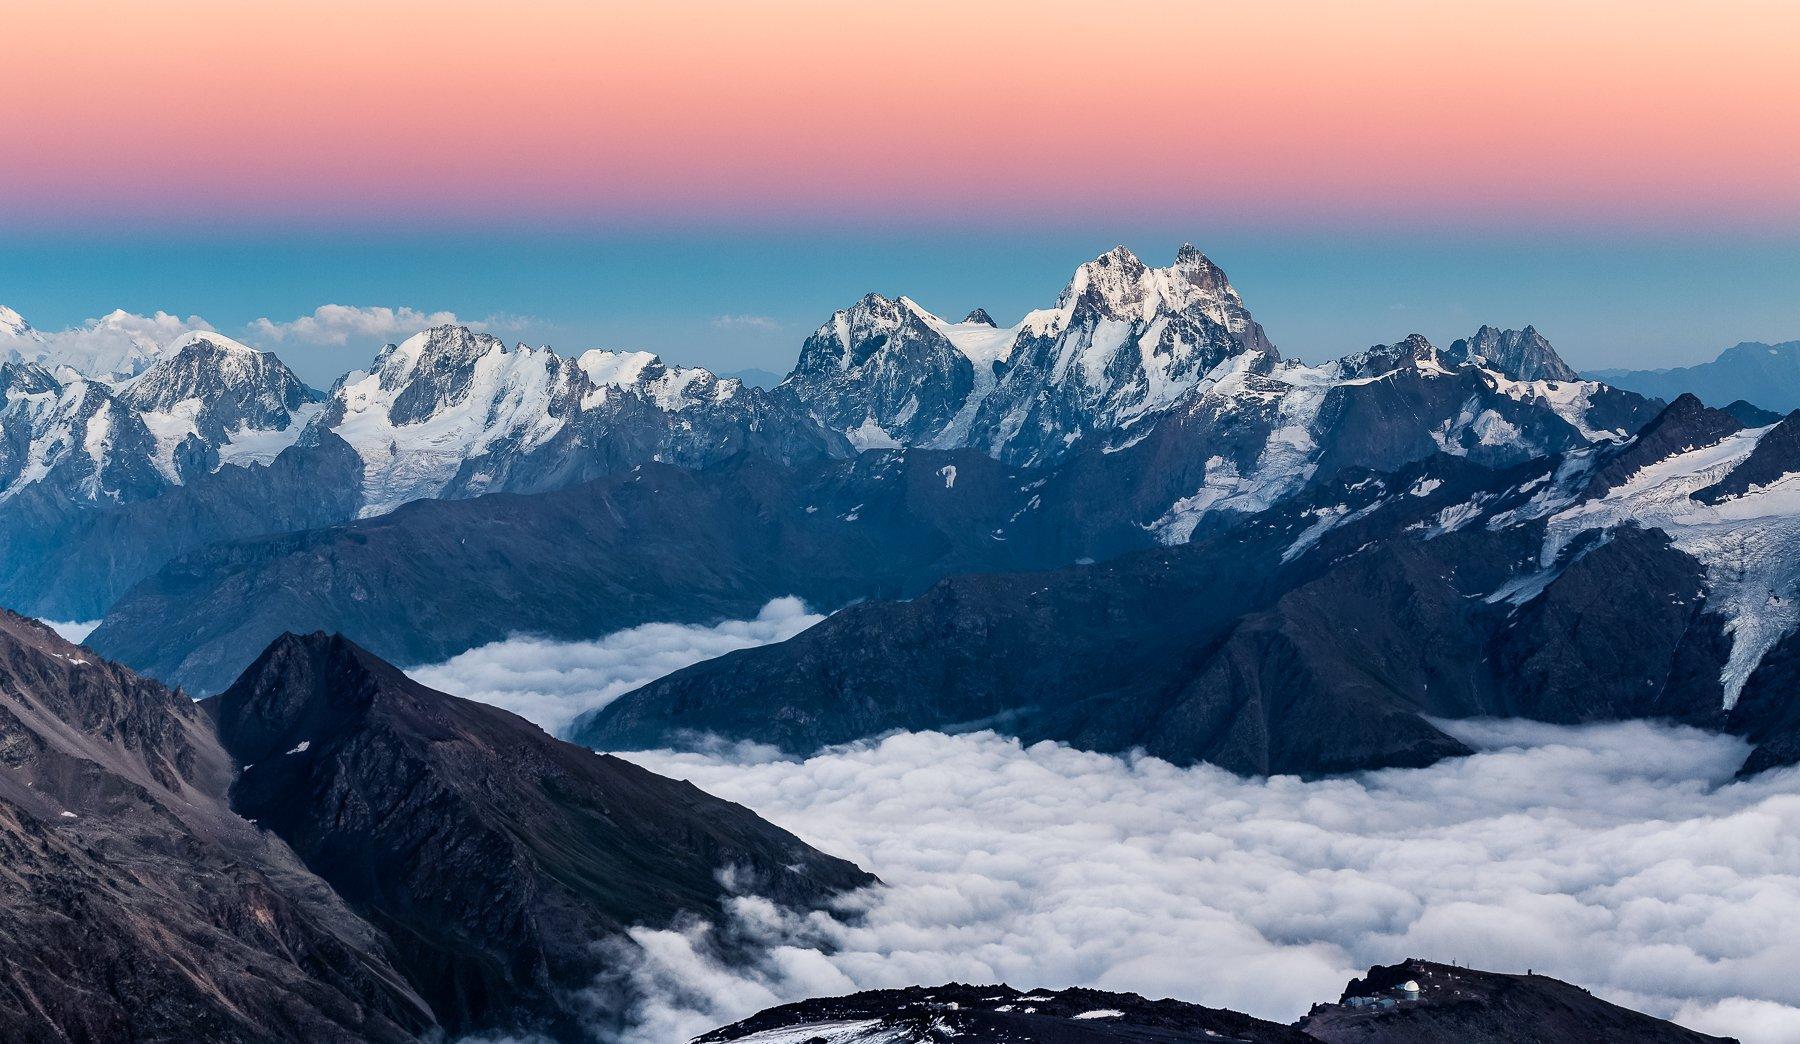 пейзаж, путешествия, горы, кавказ, закат, travel, landscape, Алексей Самойленко